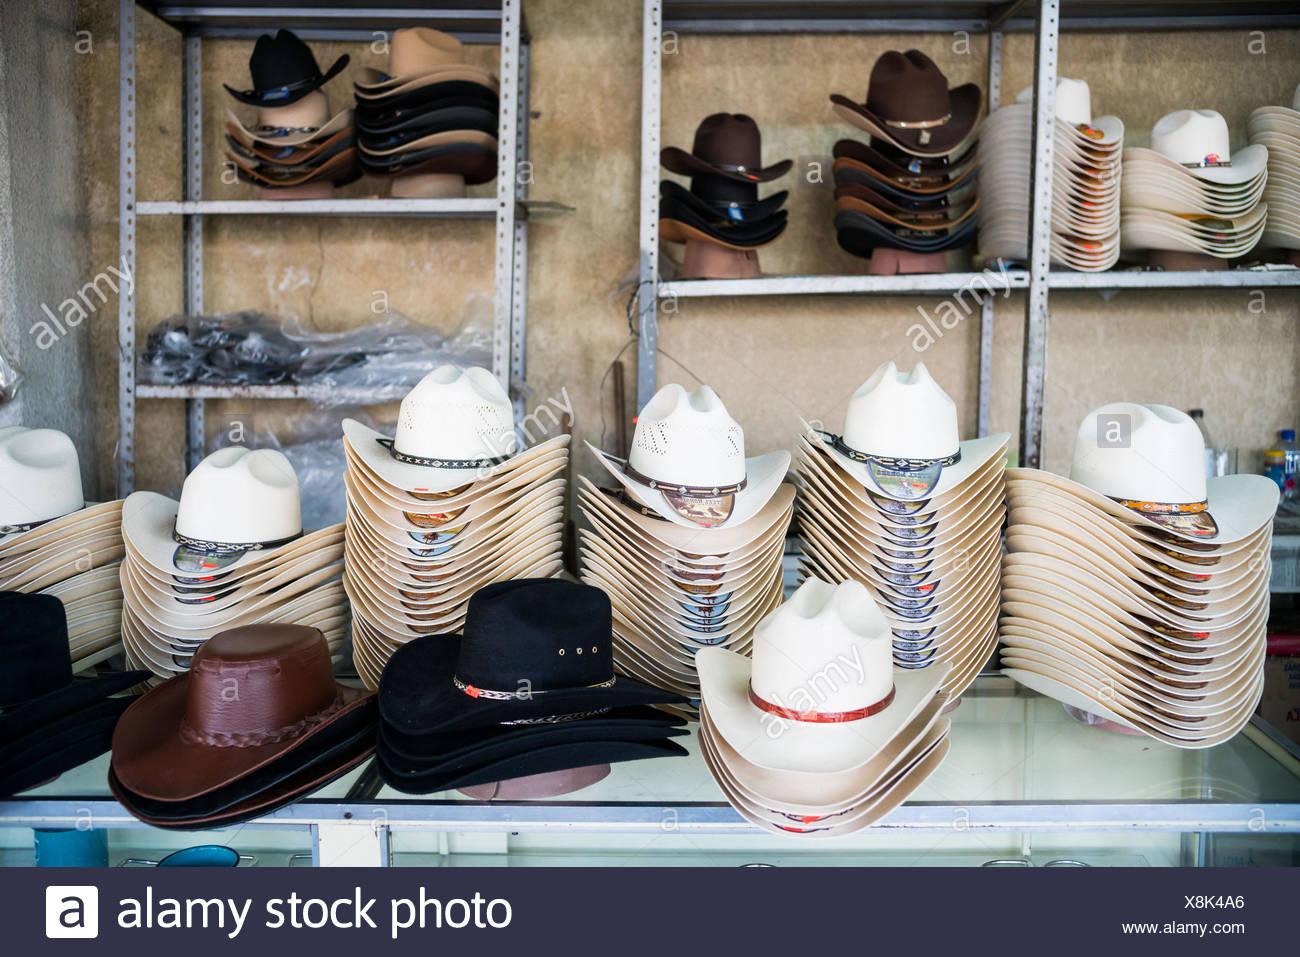 Vaquero Mexico Imágenes De Stock   Vaquero Mexico Fotos De Stock - Alamy 3f7c89b6330